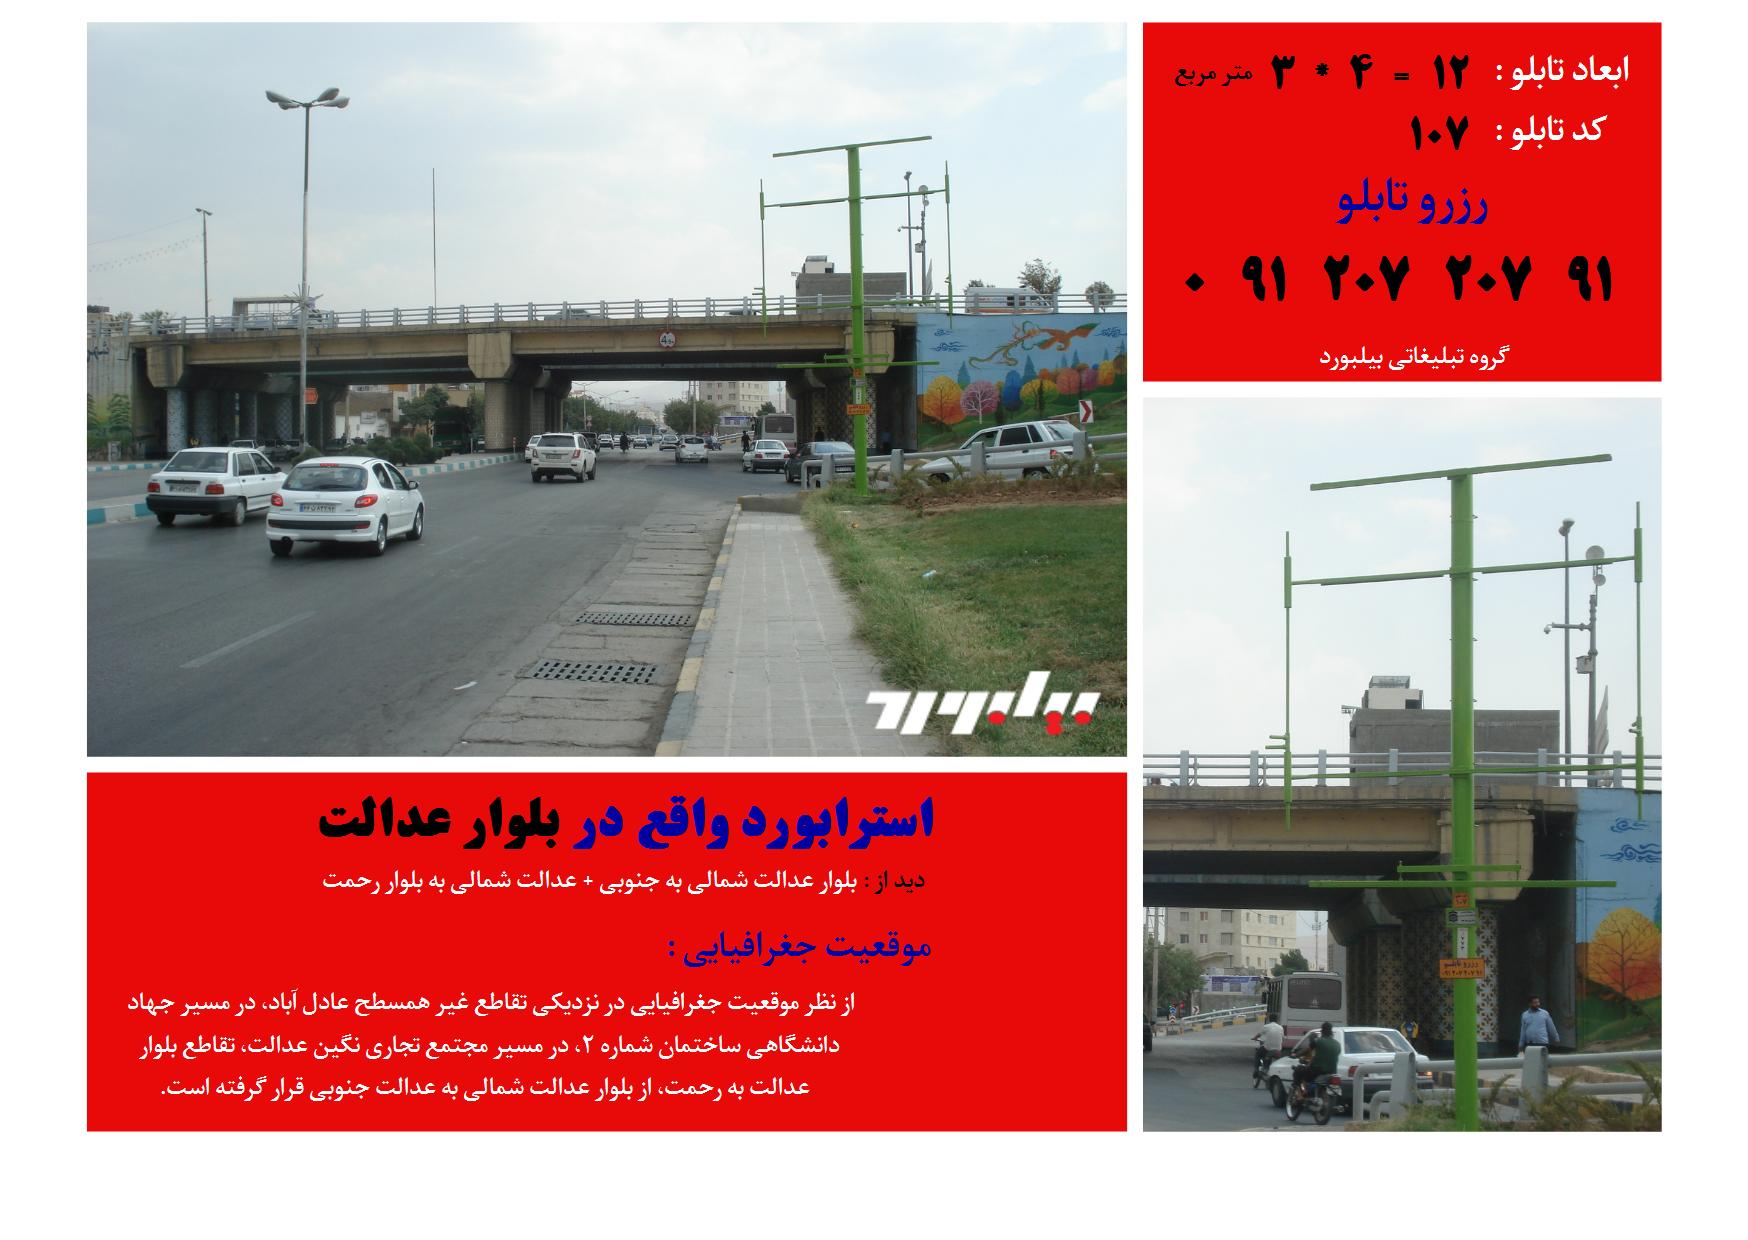 رزرو و اجاره بیلبورد تبلیغاتی در شیراز|تبلیغات محیطی|فارس شیراز|ثبت آگهی رایگان - بیلبورد